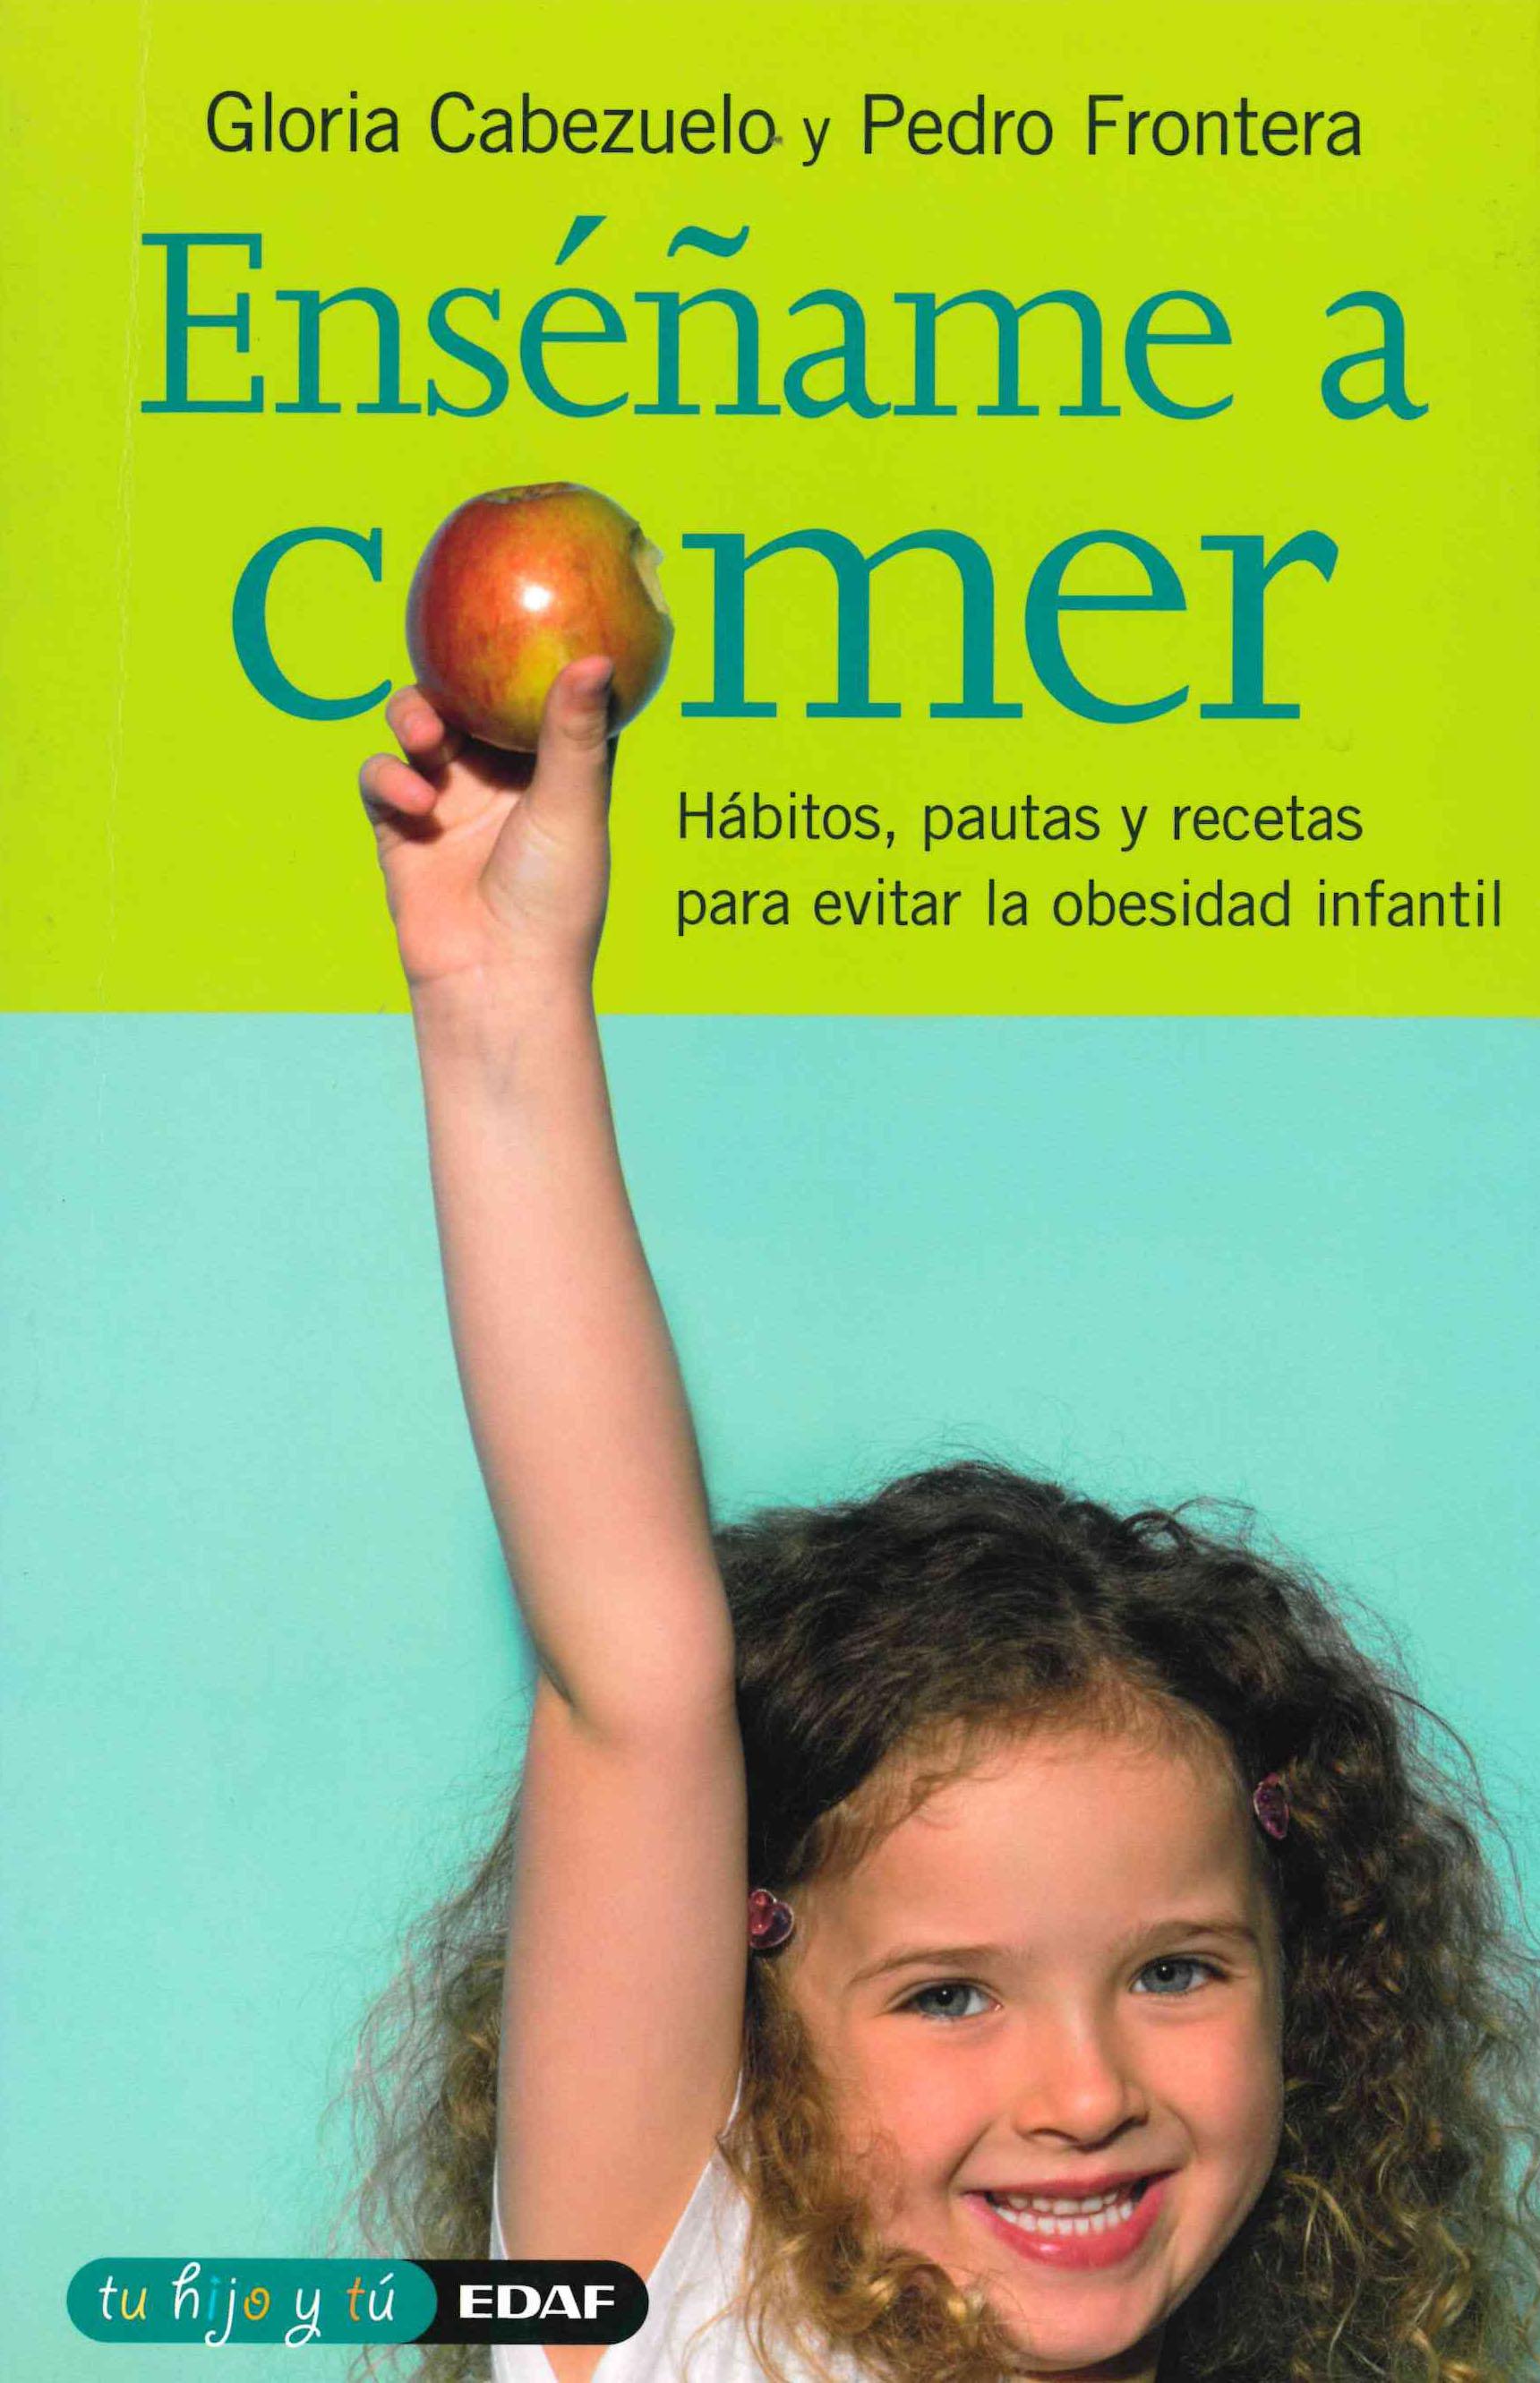 Enseñame A Comer: Habitos Pautas Y Recetas Para Evitar La Obesid Ad In - Cabezuelo Huerta Gloria